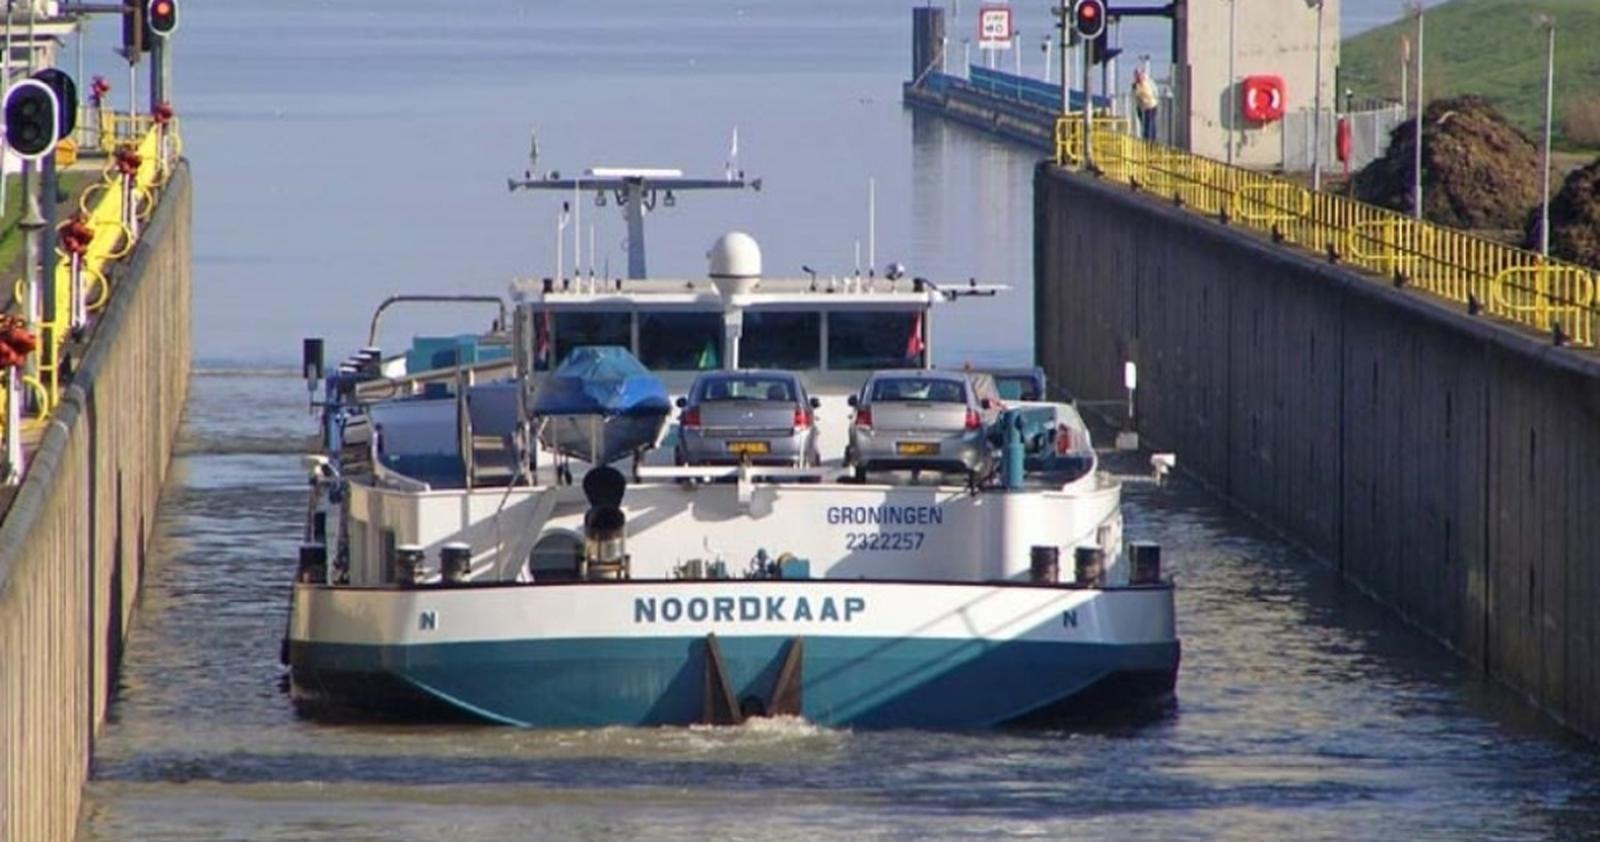 Noordkaap Concordia Group